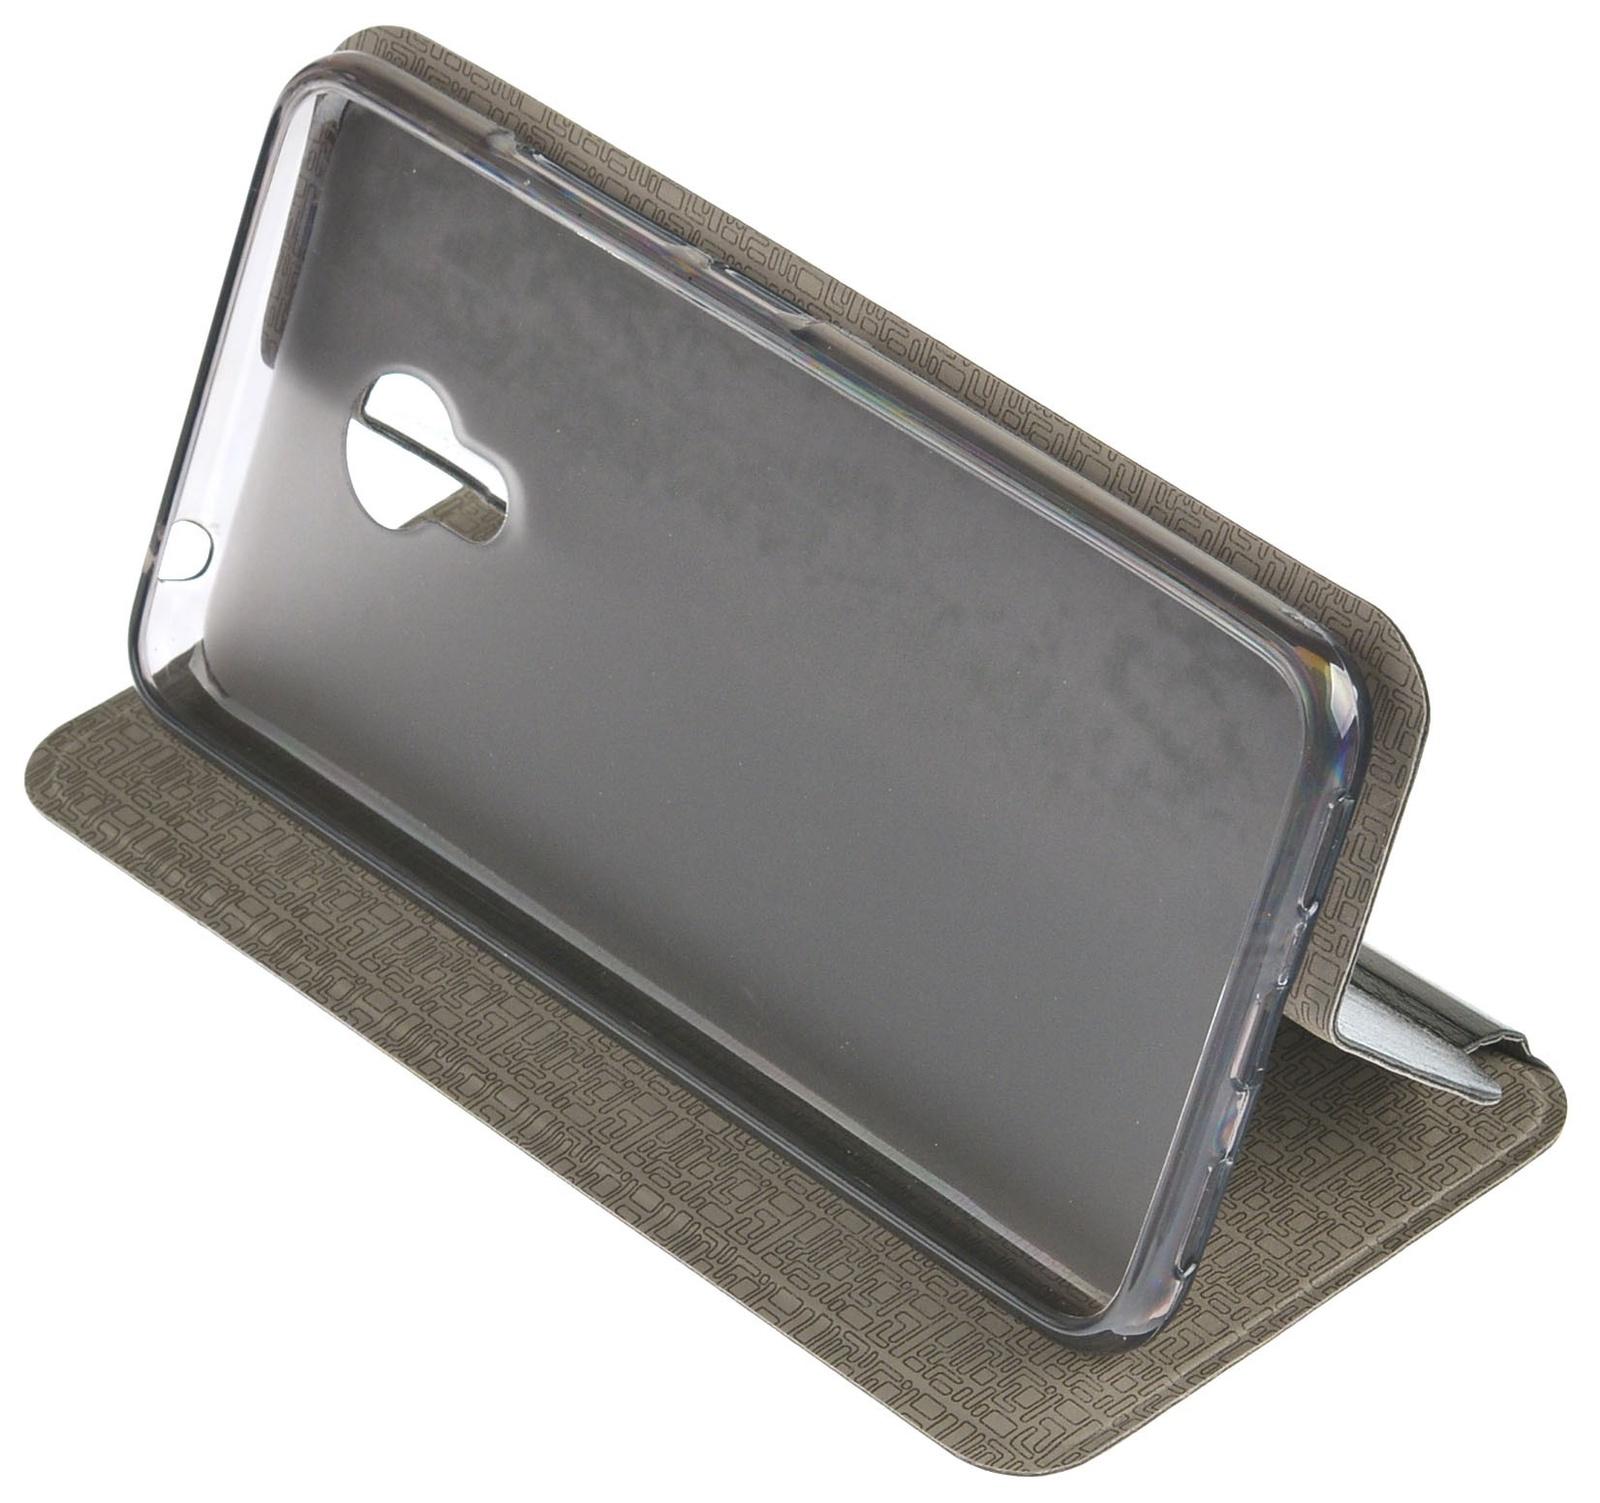 Чехол для сотового телефона skinBOX Lux, 4660041407600, черный chanhowgp lenovo a plus